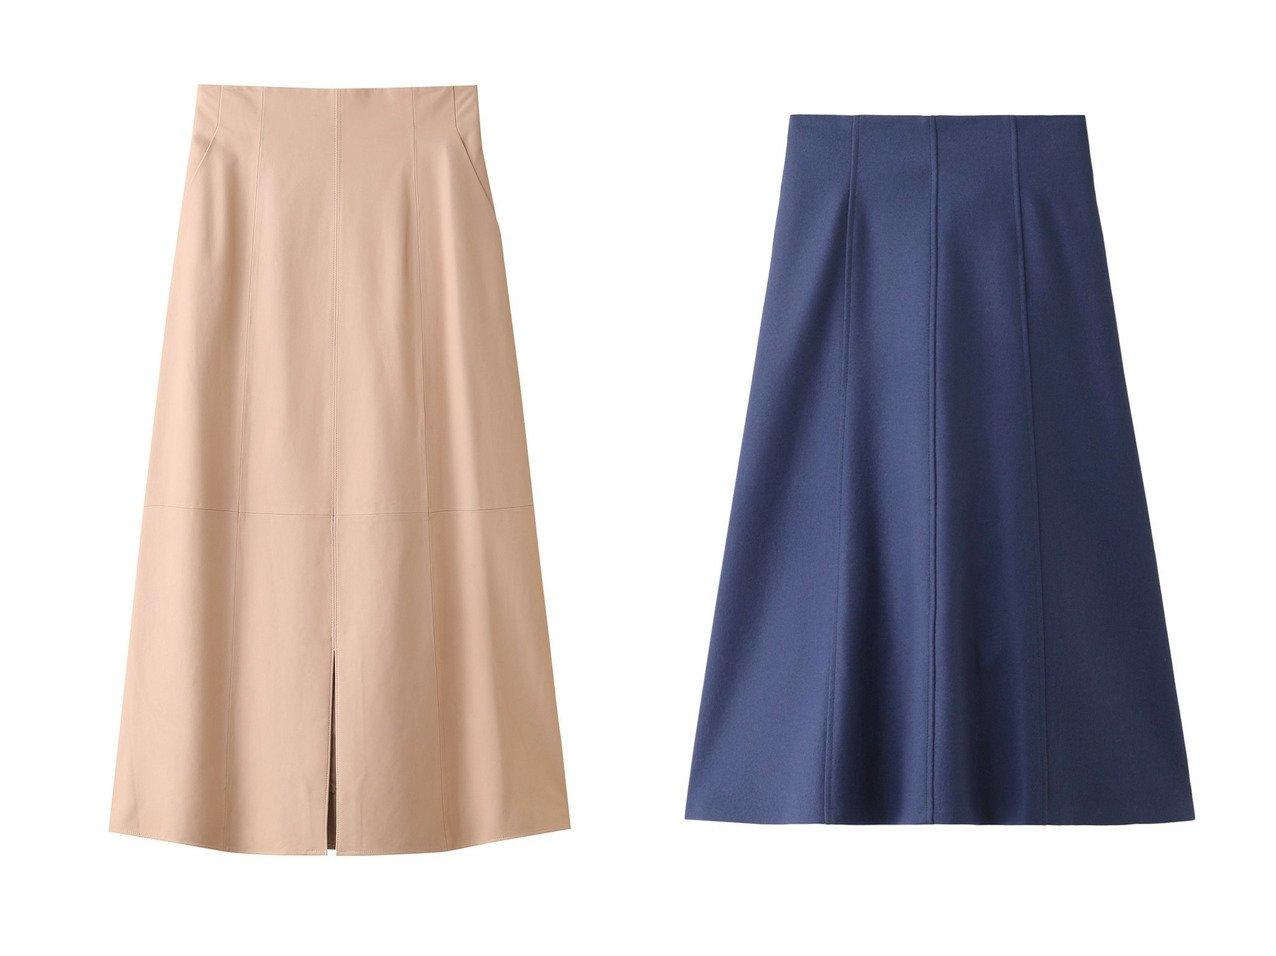 【ANAYI/アナイ】のレザーAラインスカート&ウールアッシュクテンジクフレアスカート スカートのおすすめ!人気、トレンド・レディースファッションの通販 おすすめで人気の流行・トレンド、ファッションの通販商品 メンズファッション・キッズファッション・インテリア・家具・レディースファッション・服の通販 founy(ファニー) https://founy.com/ ファッション Fashion レディースファッション WOMEN スカート Skirt Aライン/フレアスカート Flared A-Line Skirts ロングスカート Long Skirt クール マキシ 人気 フィット フレア ロング 冬 Winter |ID:crp329100000011774